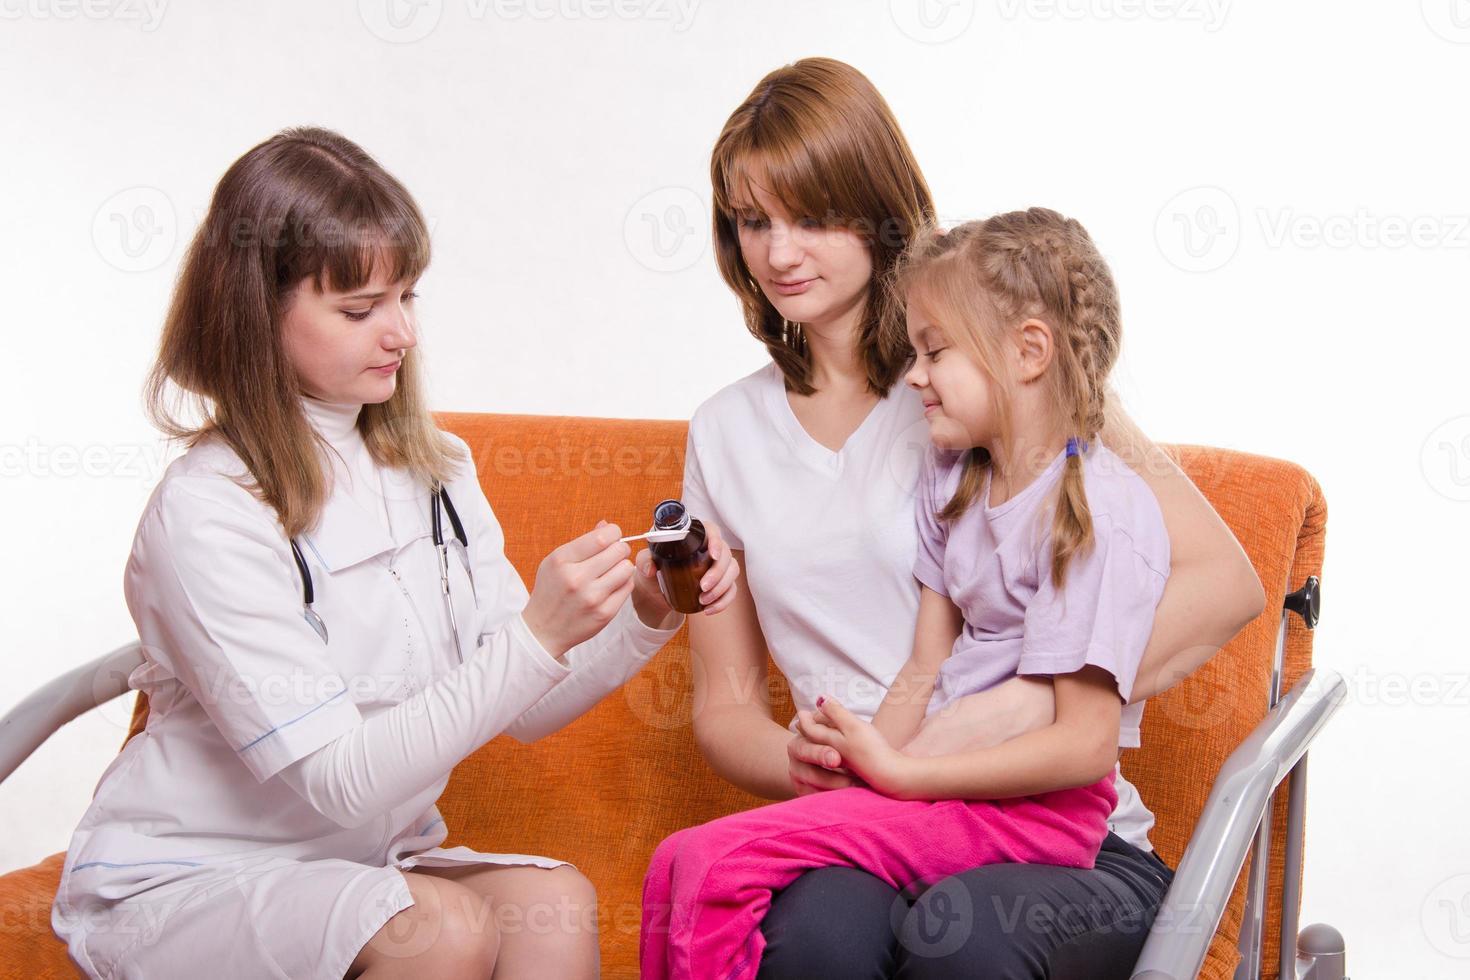 pediatra le dará a la madre enferma sentada medicina foto